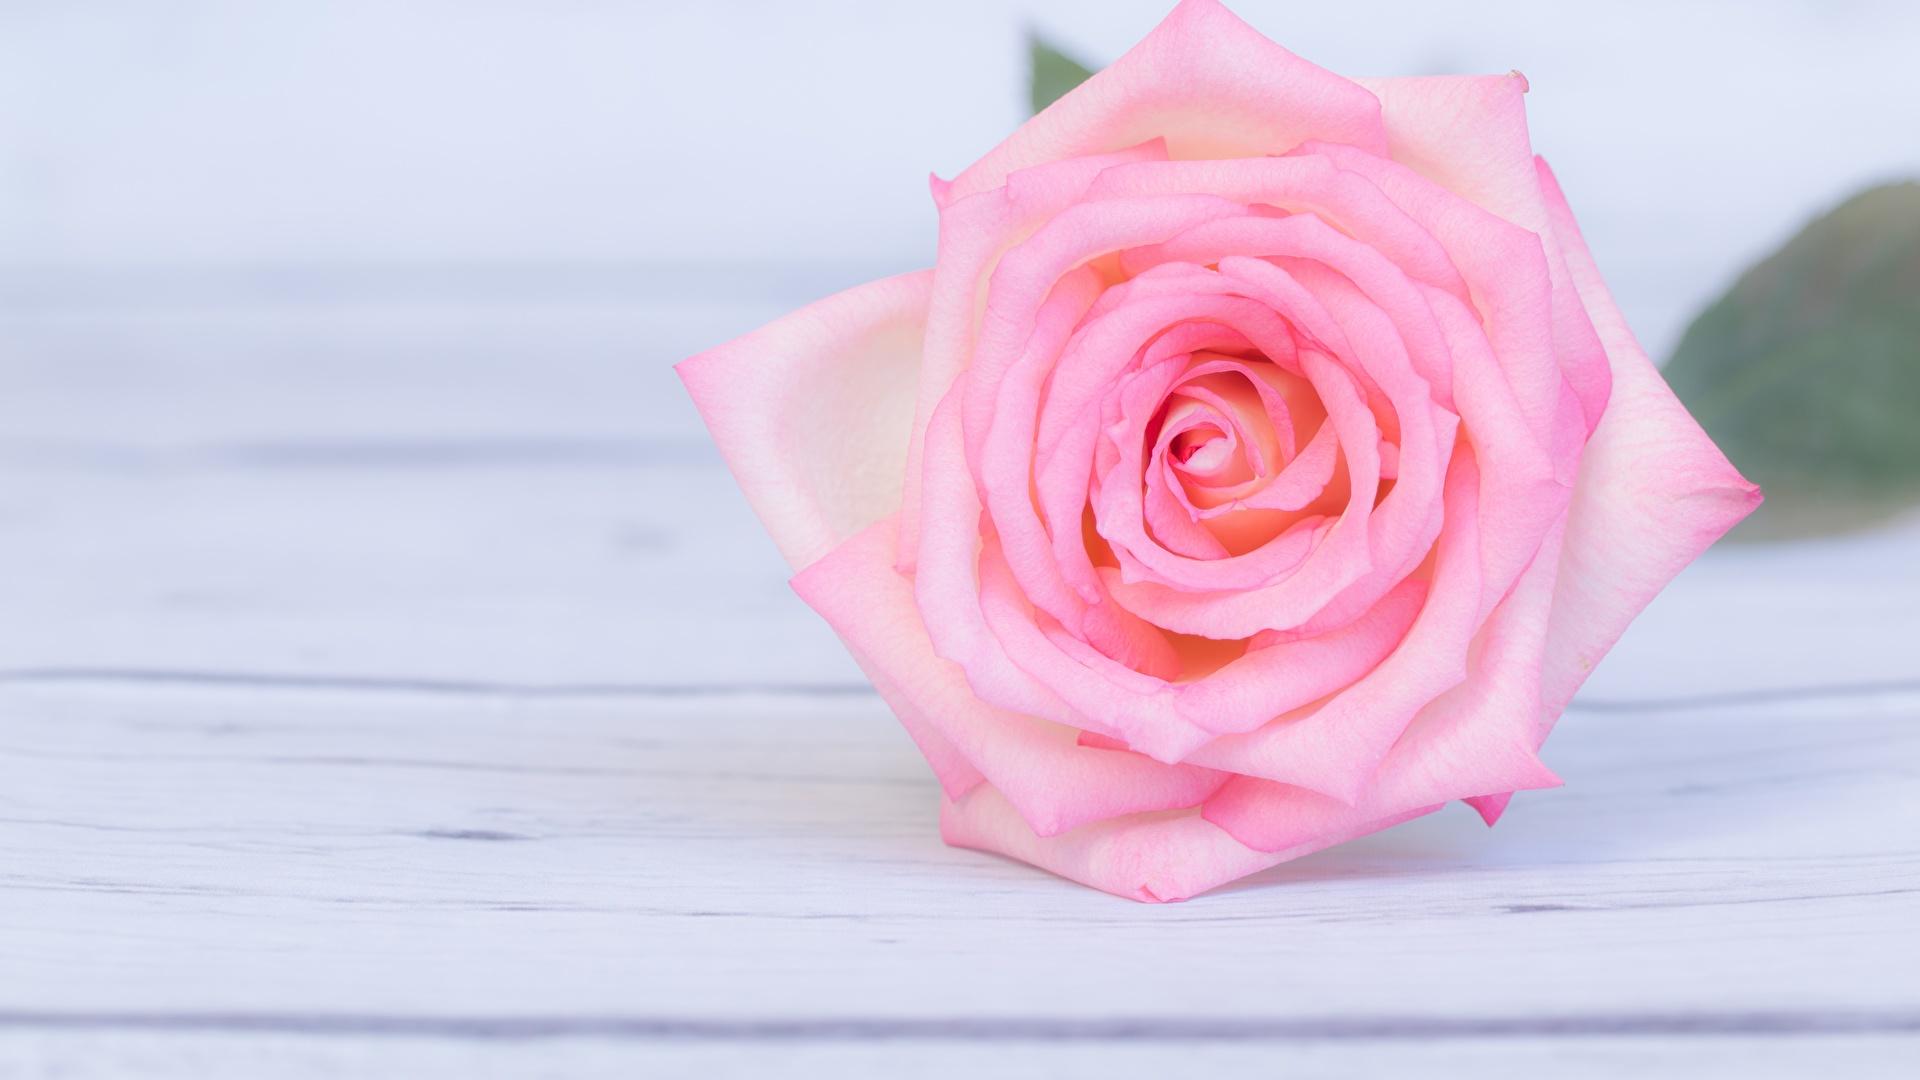 Fotos Von Rosen Rosa Farbe Blumen 1920x1080